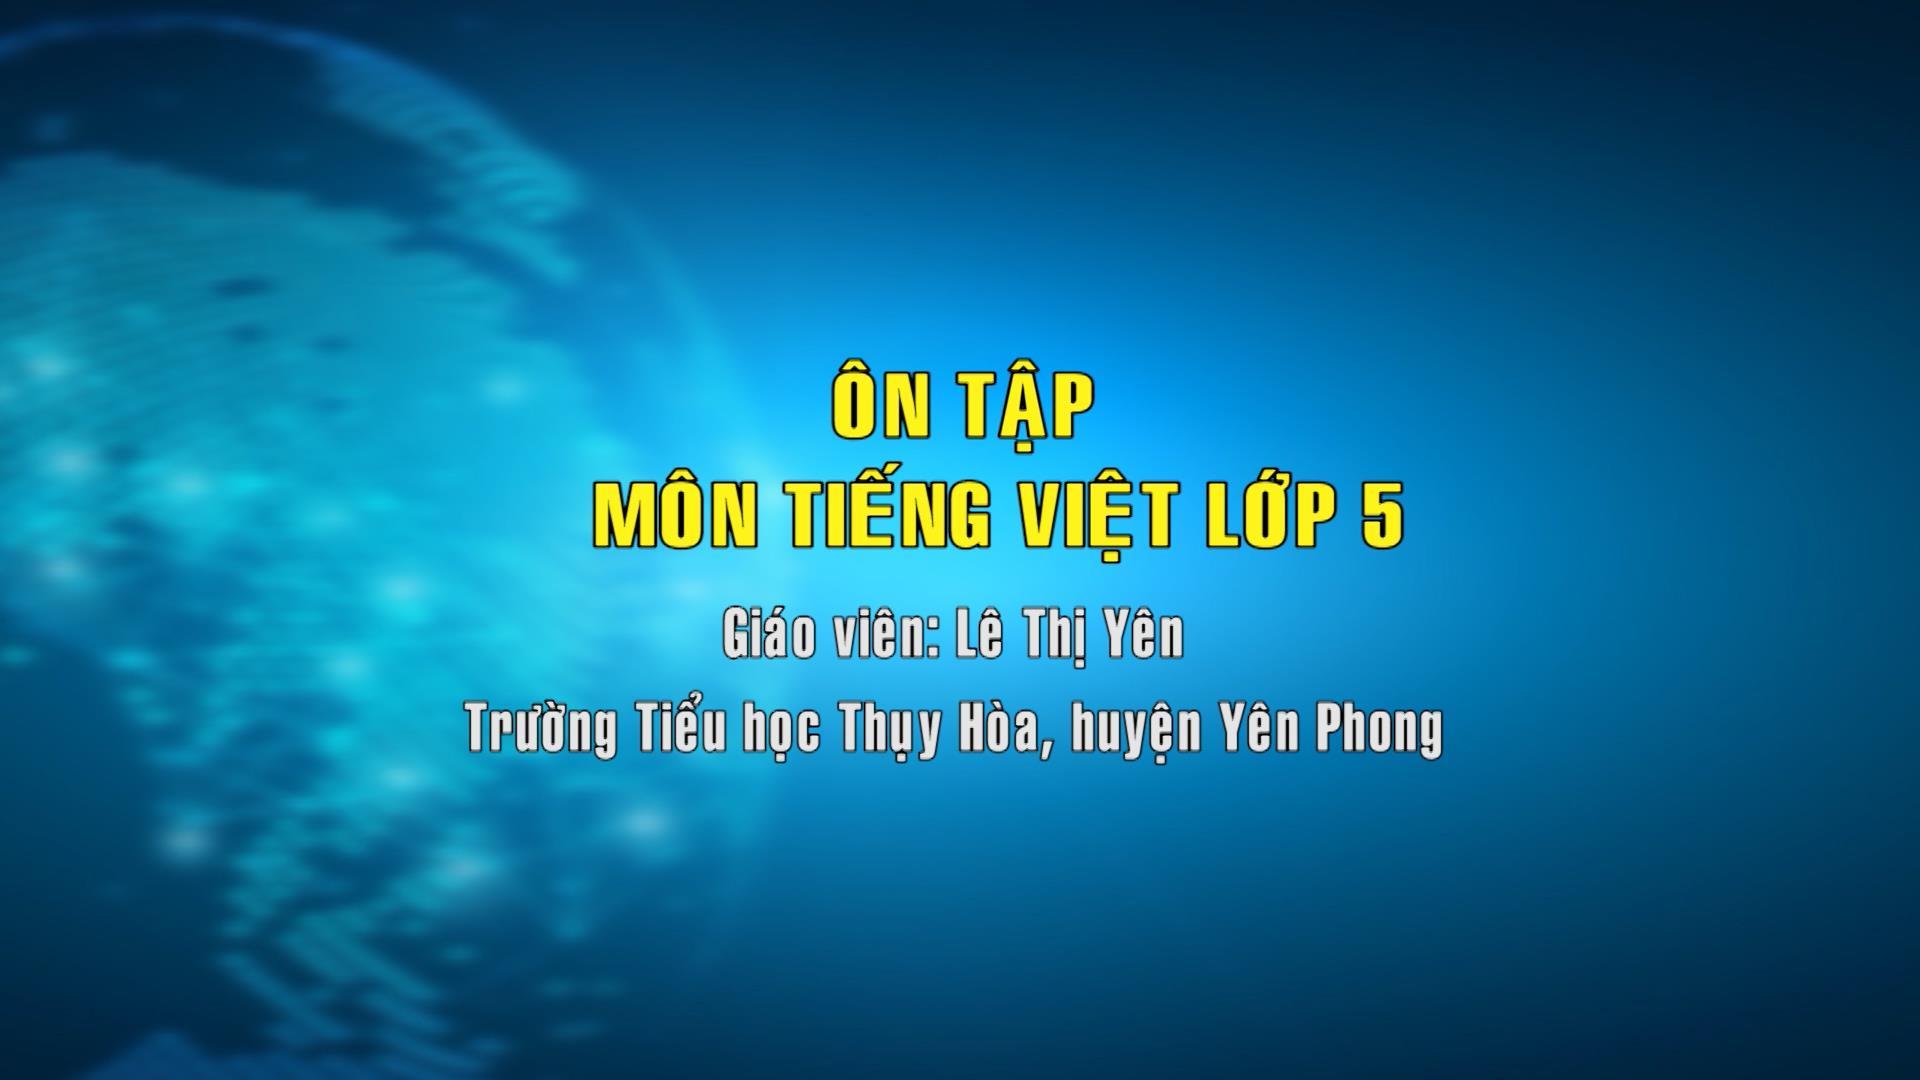 Tiếng Việt lớp 5 số 12